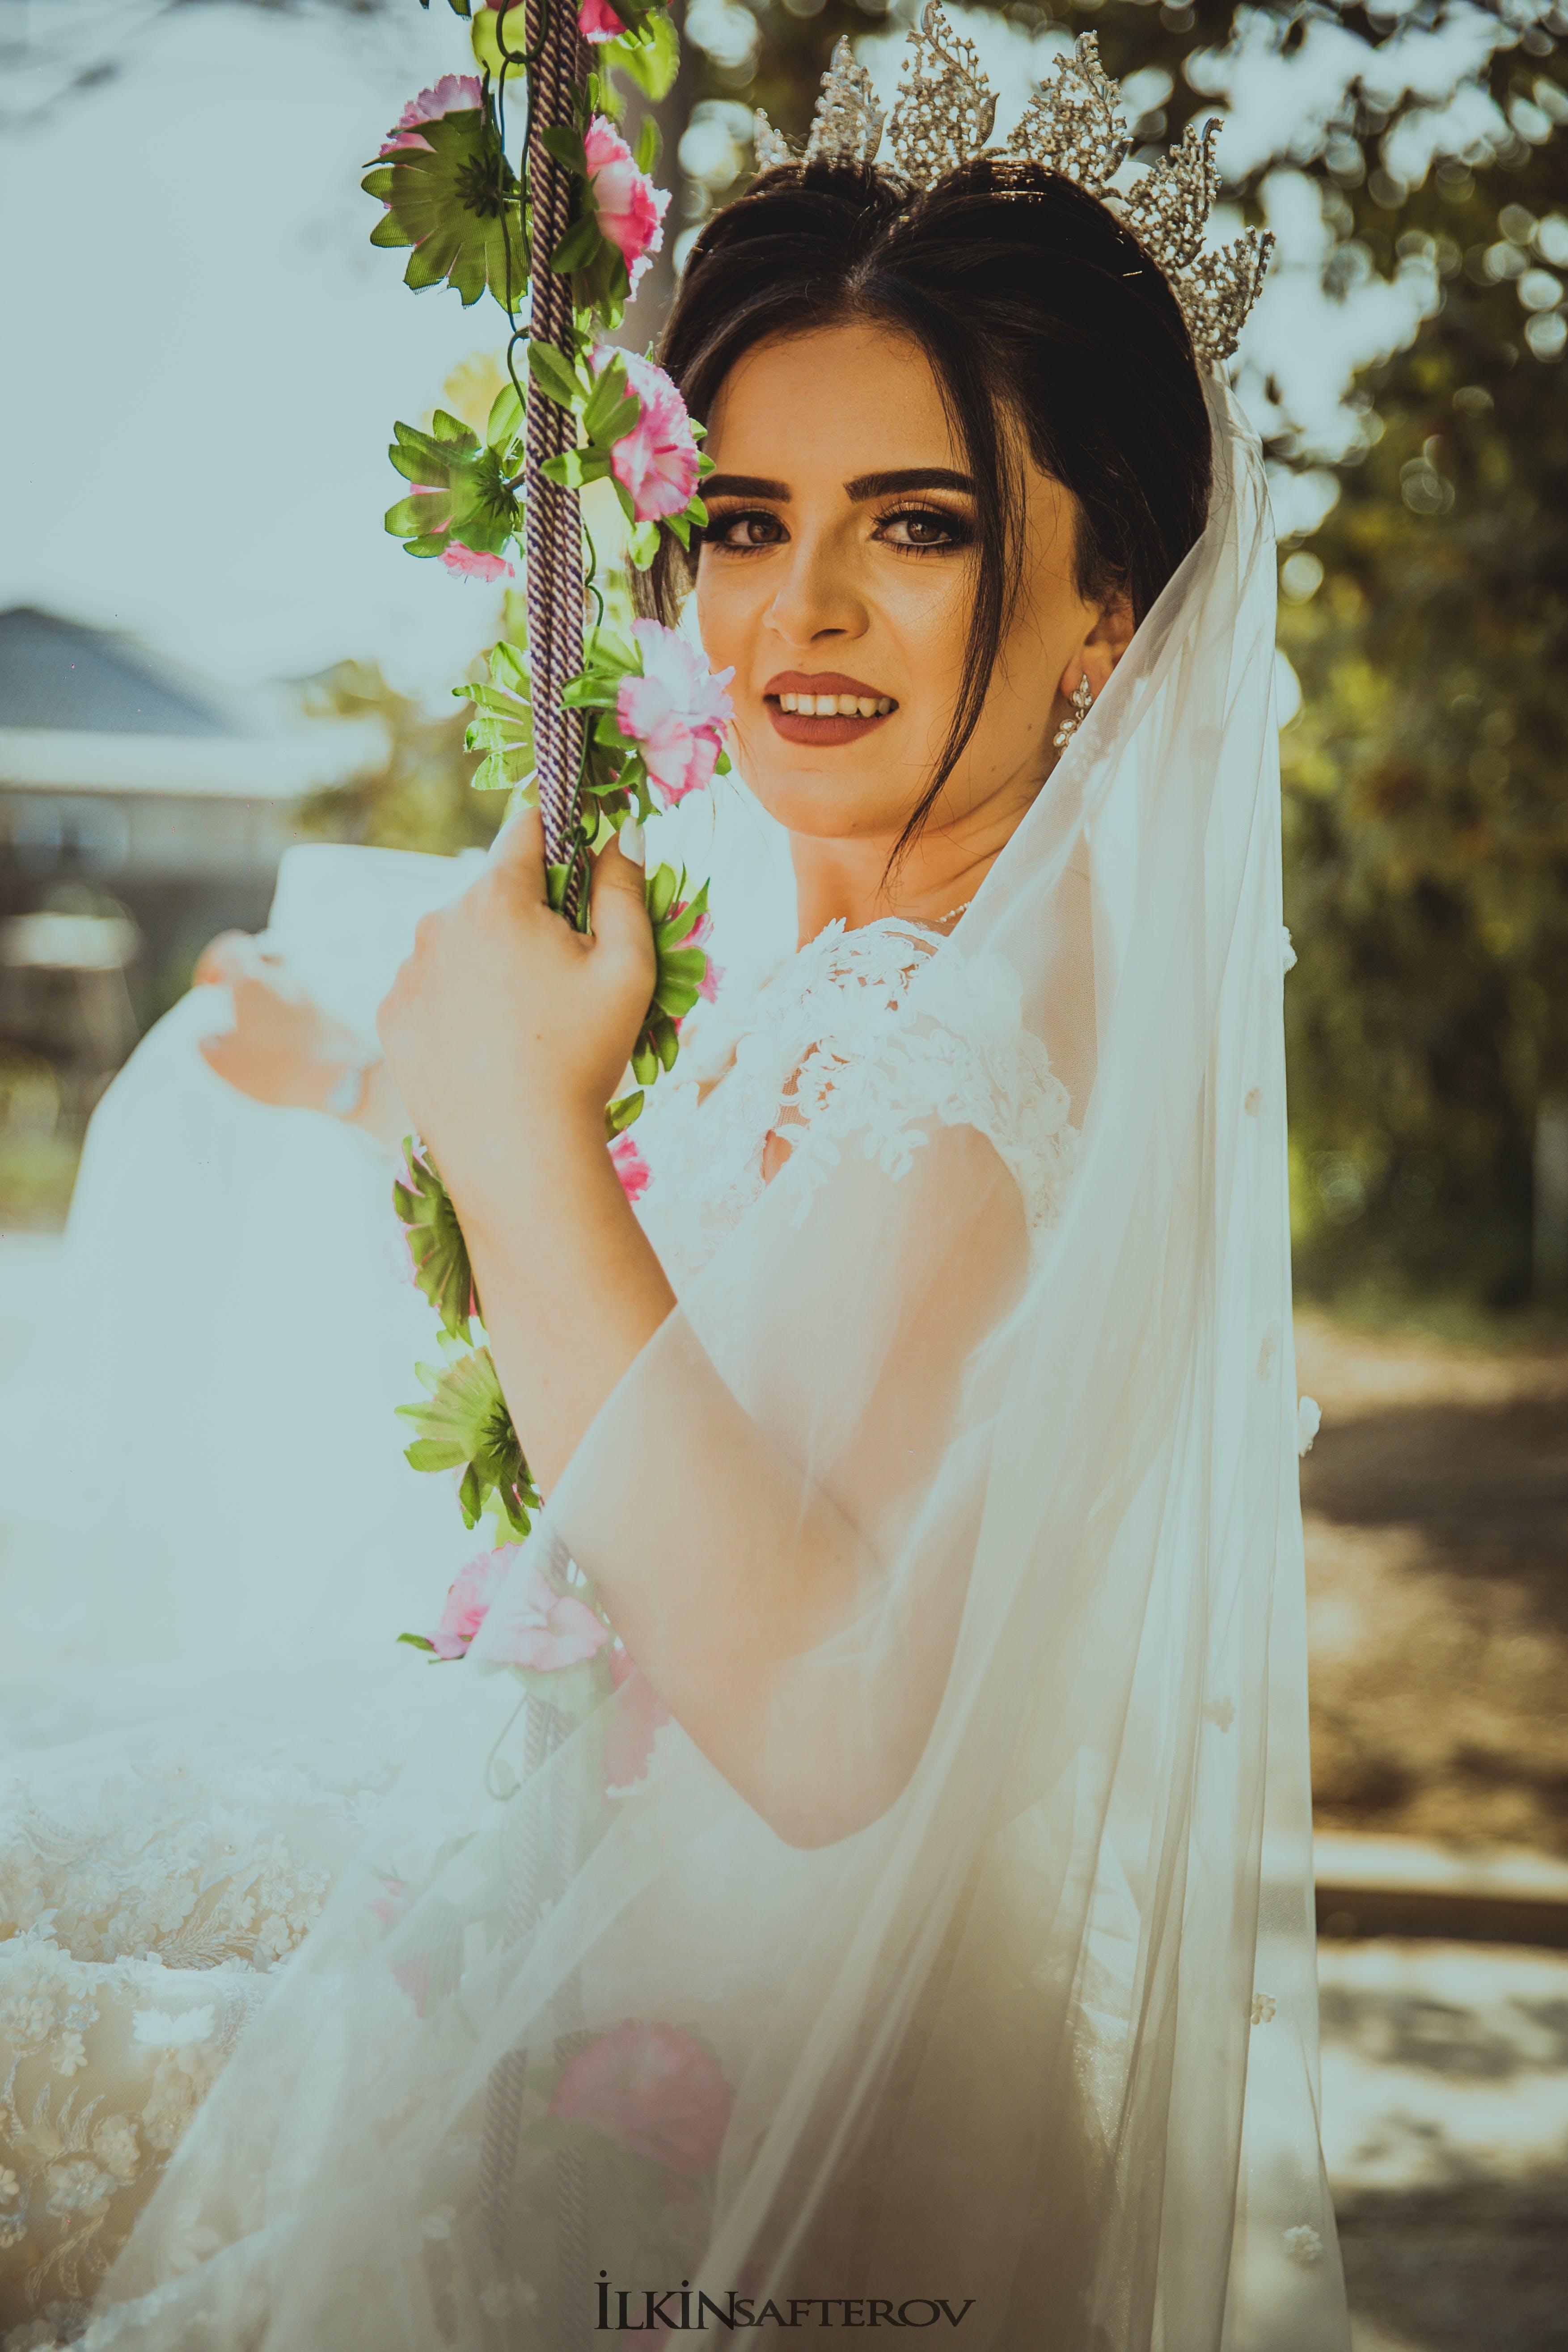 Δωρεάν στοκ φωτογραφιών με γαμήλια τελετή, γαμήλιο κορίτσι, λειτουργία πορτρέτου